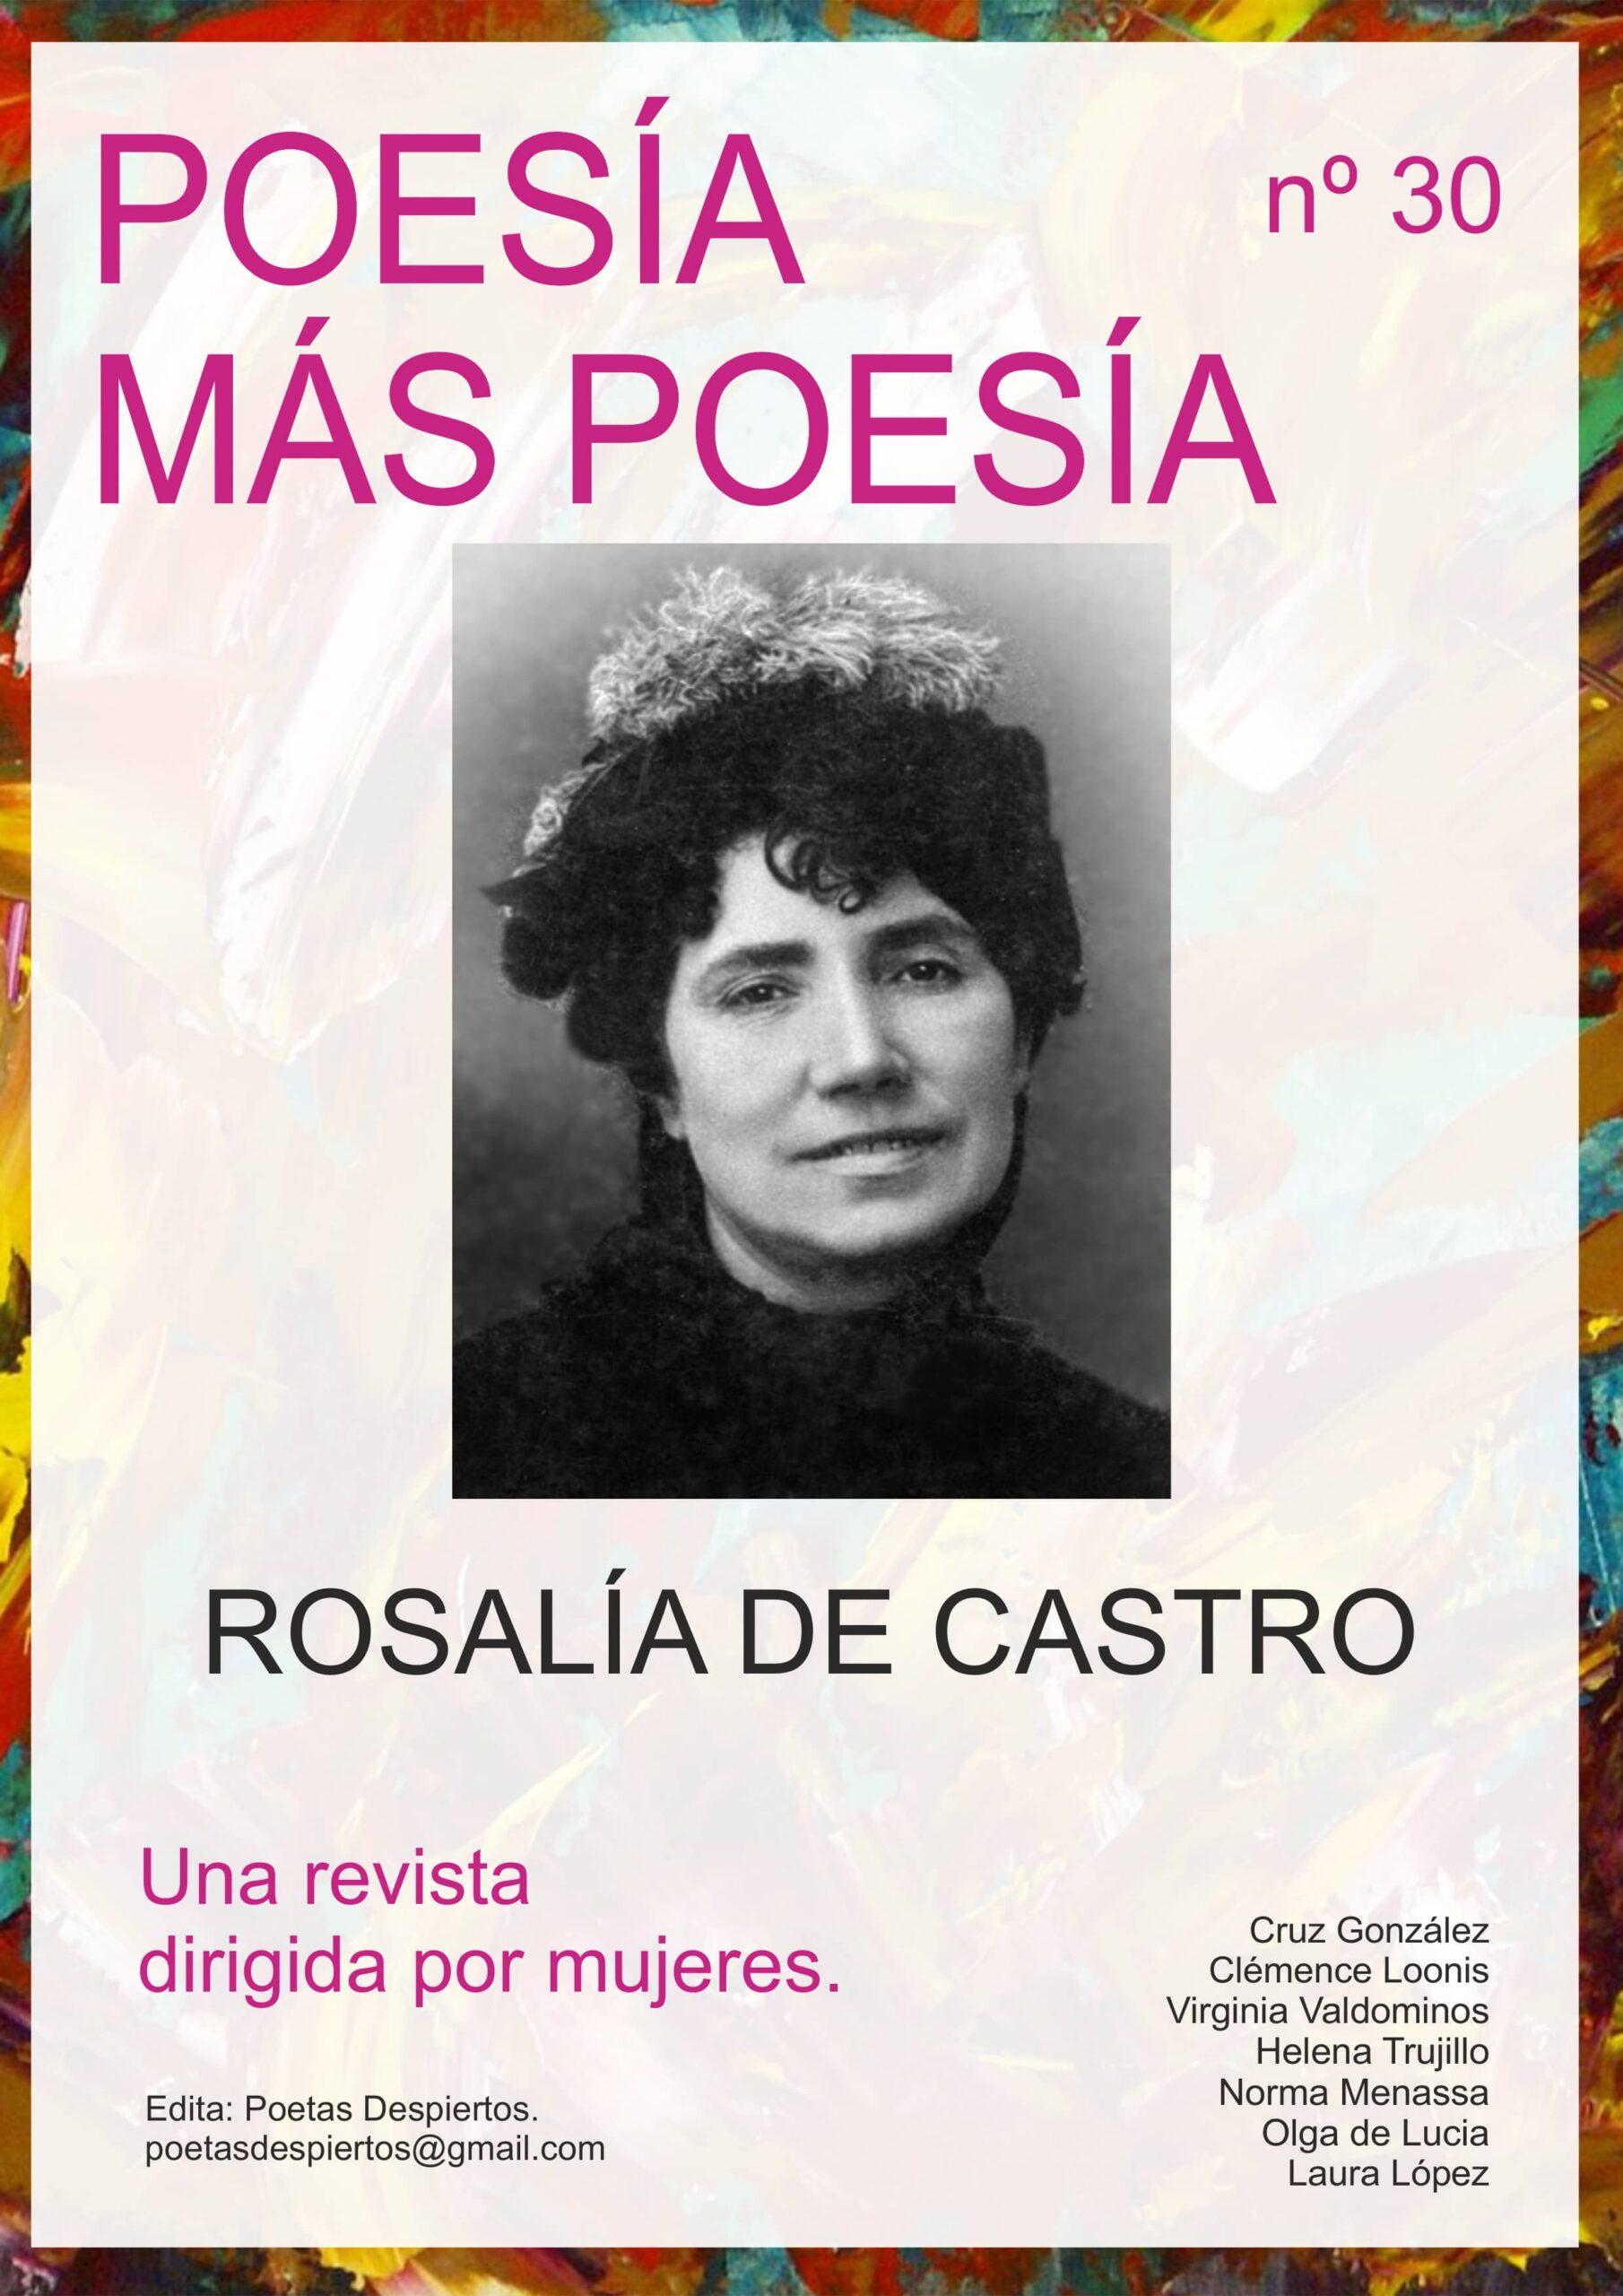 Revista Poesía más Poesía dedicada a la poeta gallega Rosalía de Castro y a la poeta del Grupo Cero Claire Deloupy.